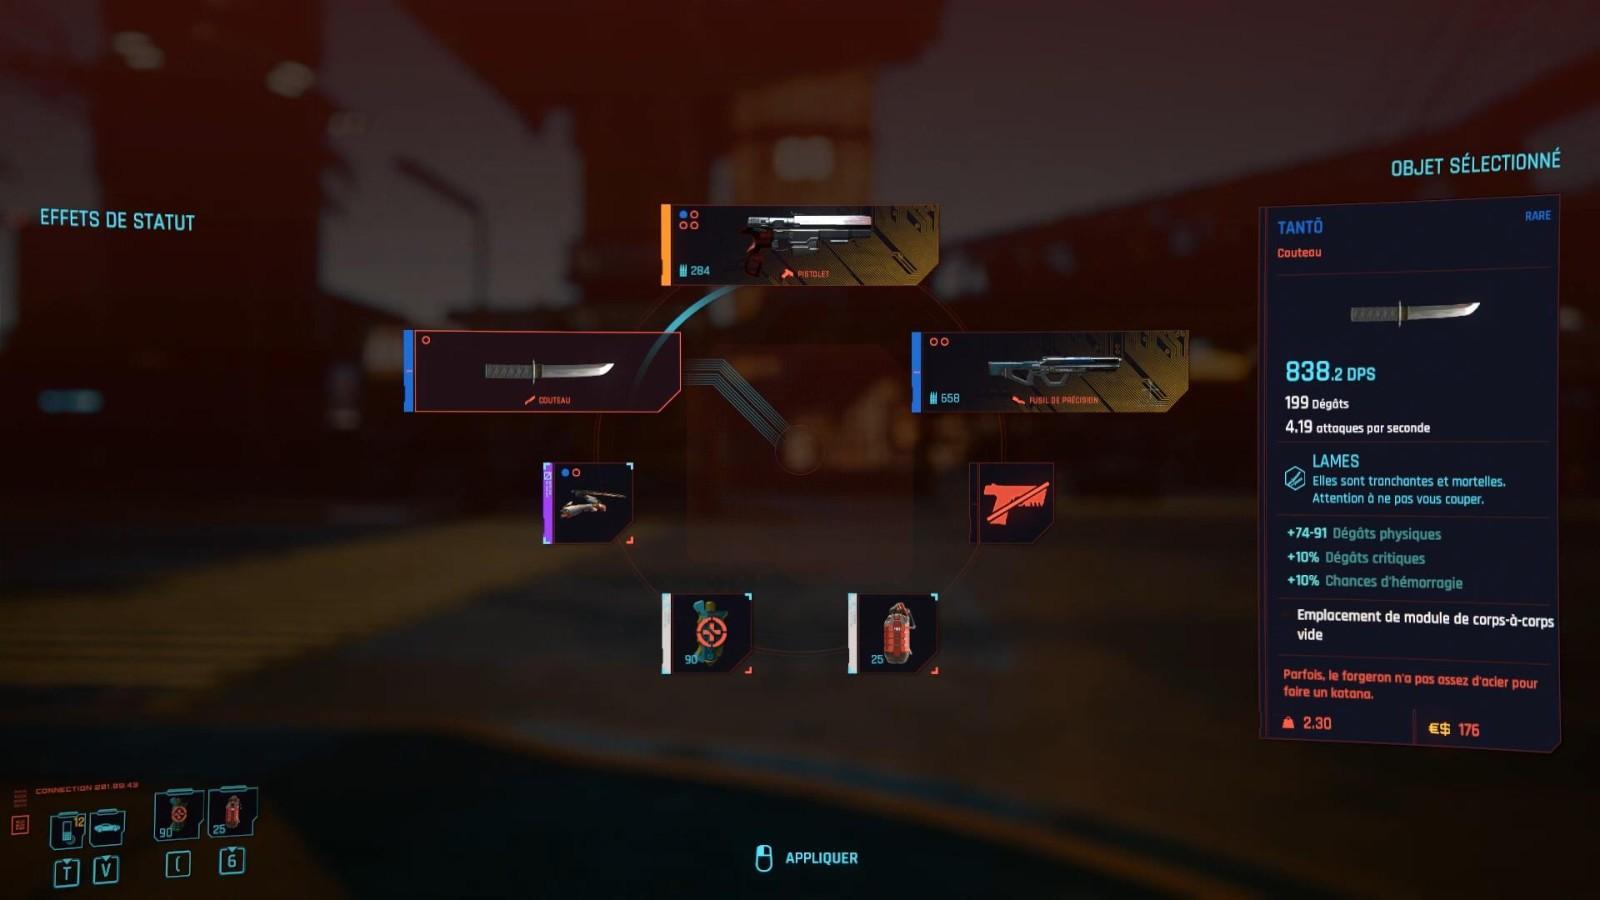 玩家制《赛博朋克2077》贴墙跑Mod 还原被移除功能